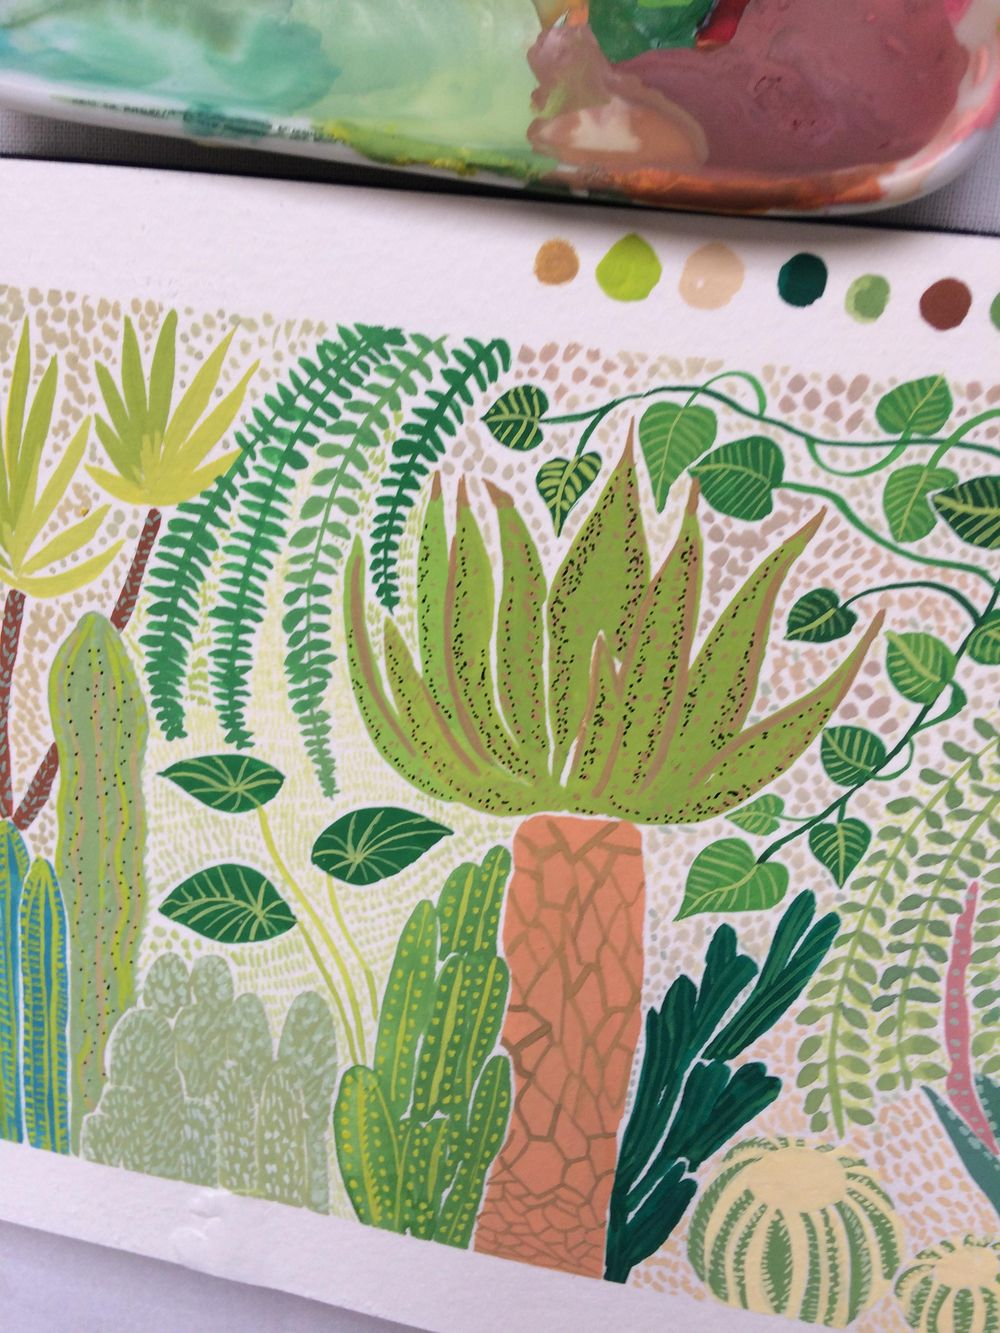 Gouache Botanical Illustration - image 1 - student project